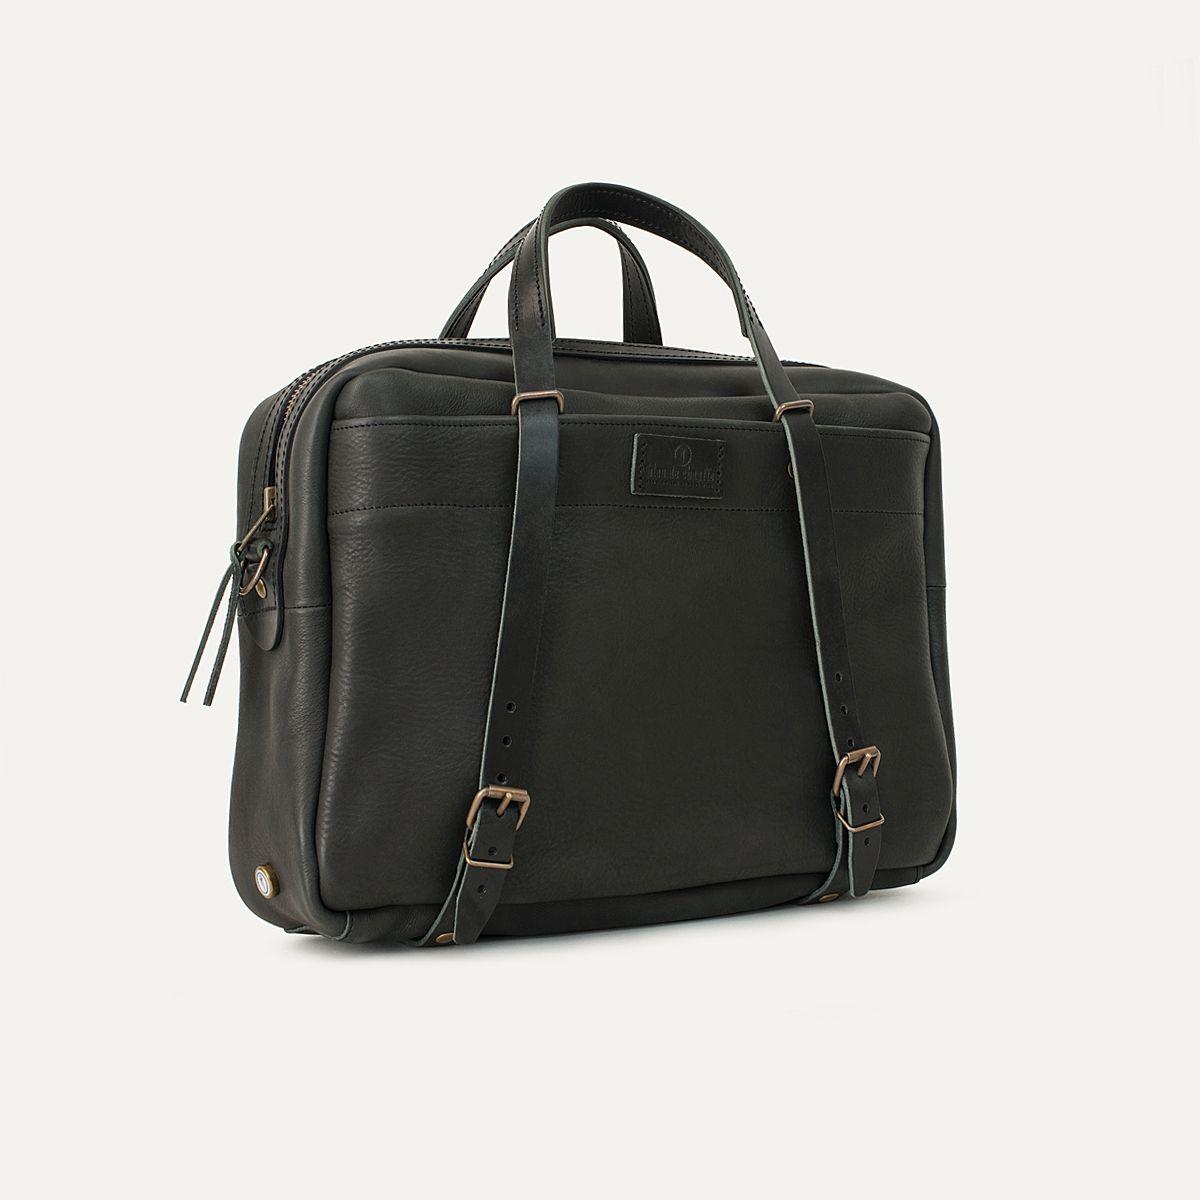 Computer bag business - Report black | Bleu de chauffe